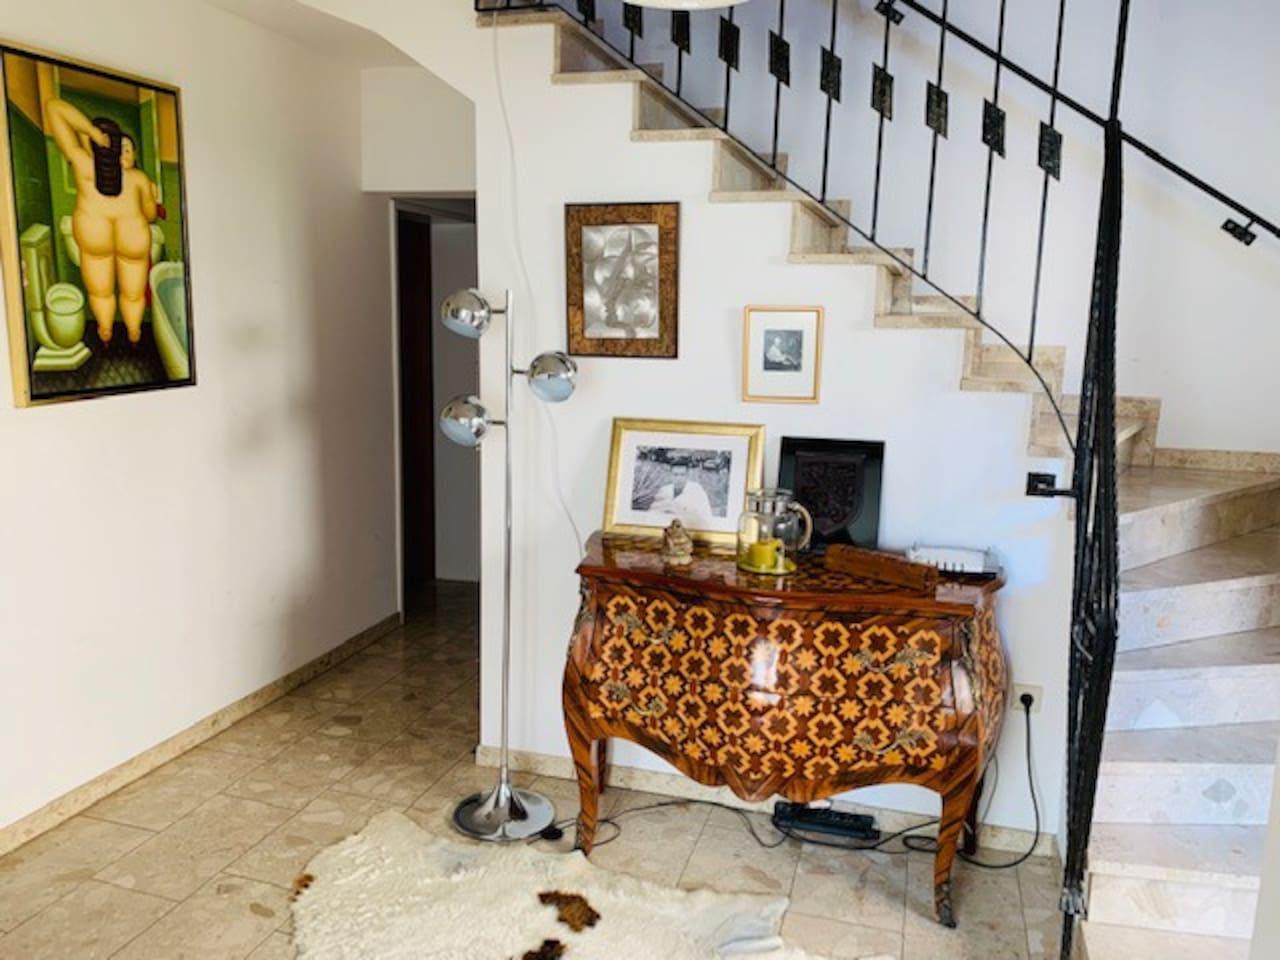 Hall d'entrée et escalier d'accès aux chambres